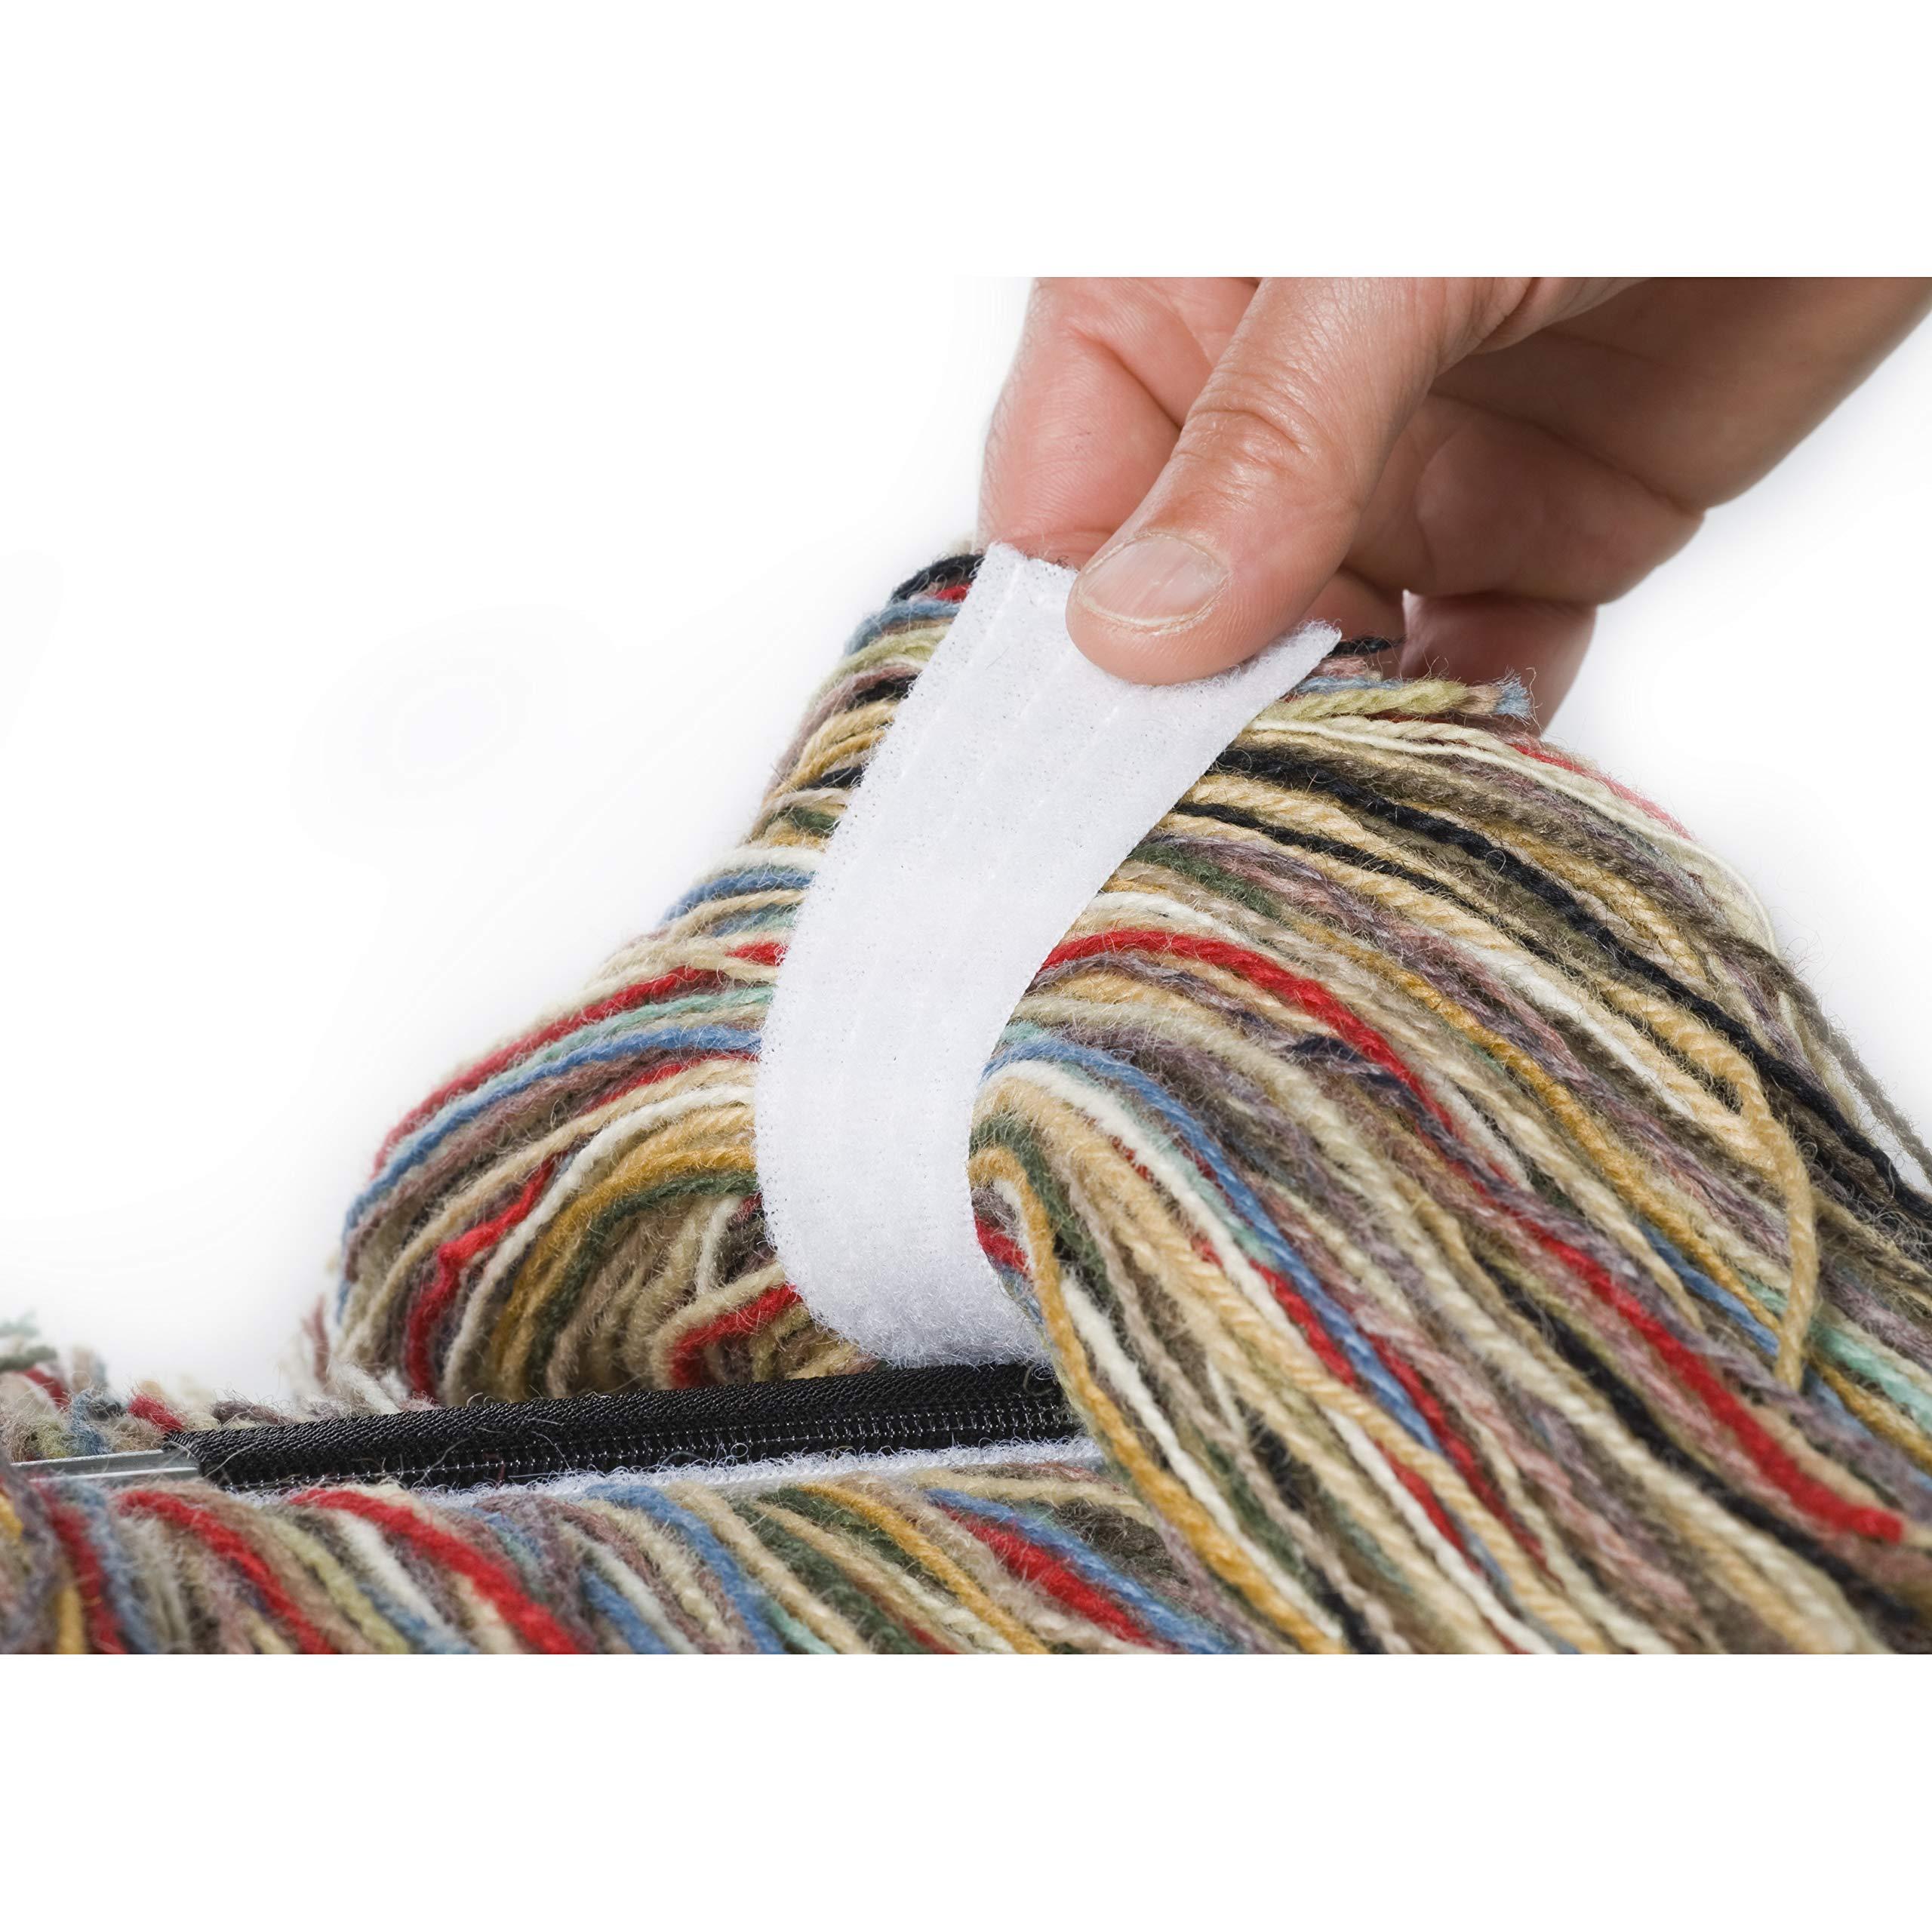 Sladust - Wool Industrial Mop